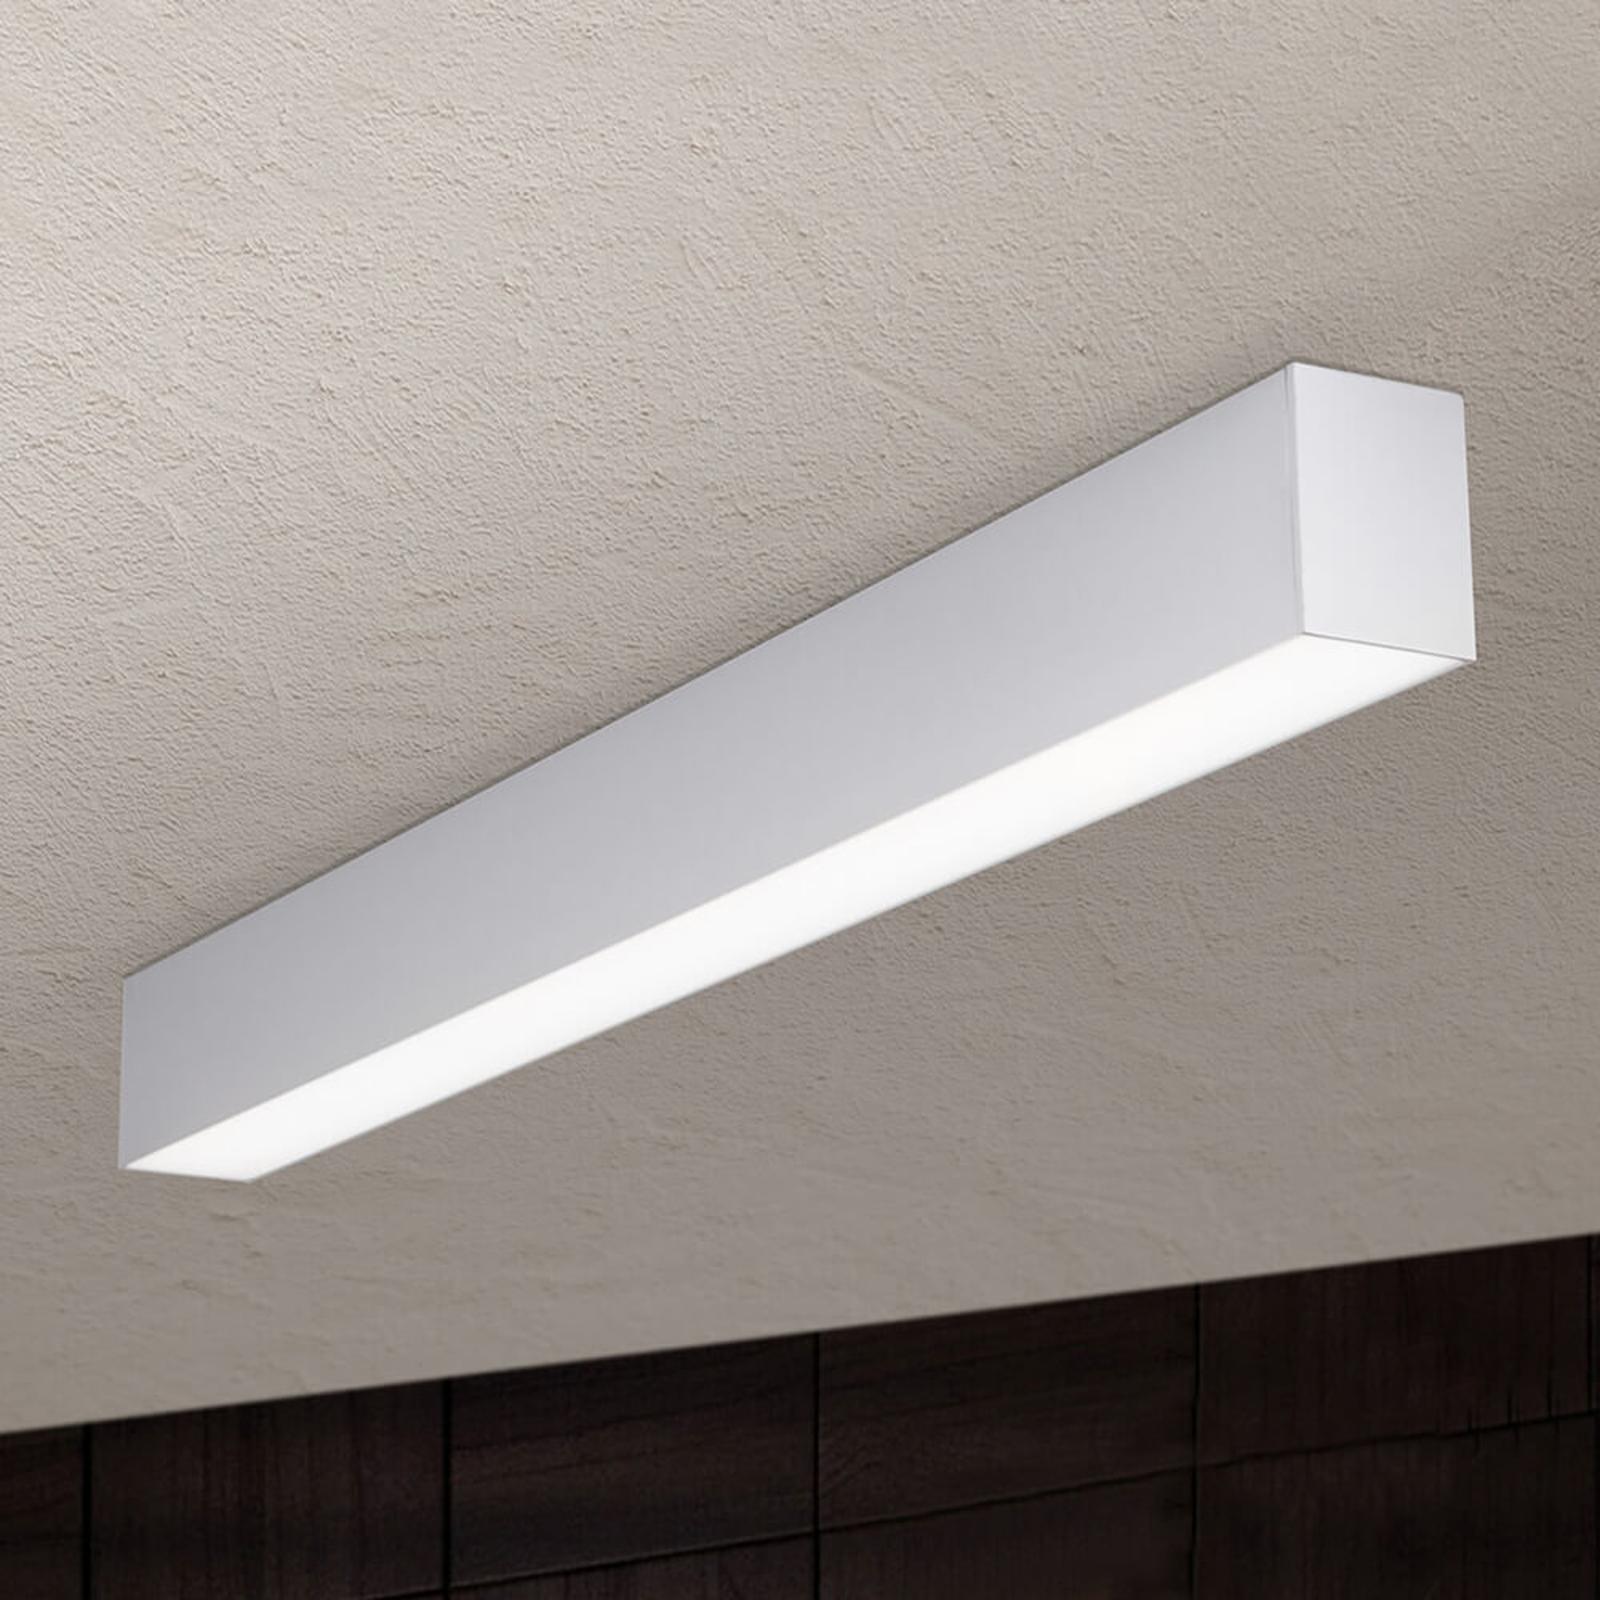 LED-kattovalaisin Sando ripustustarvikkeilla 86 cm